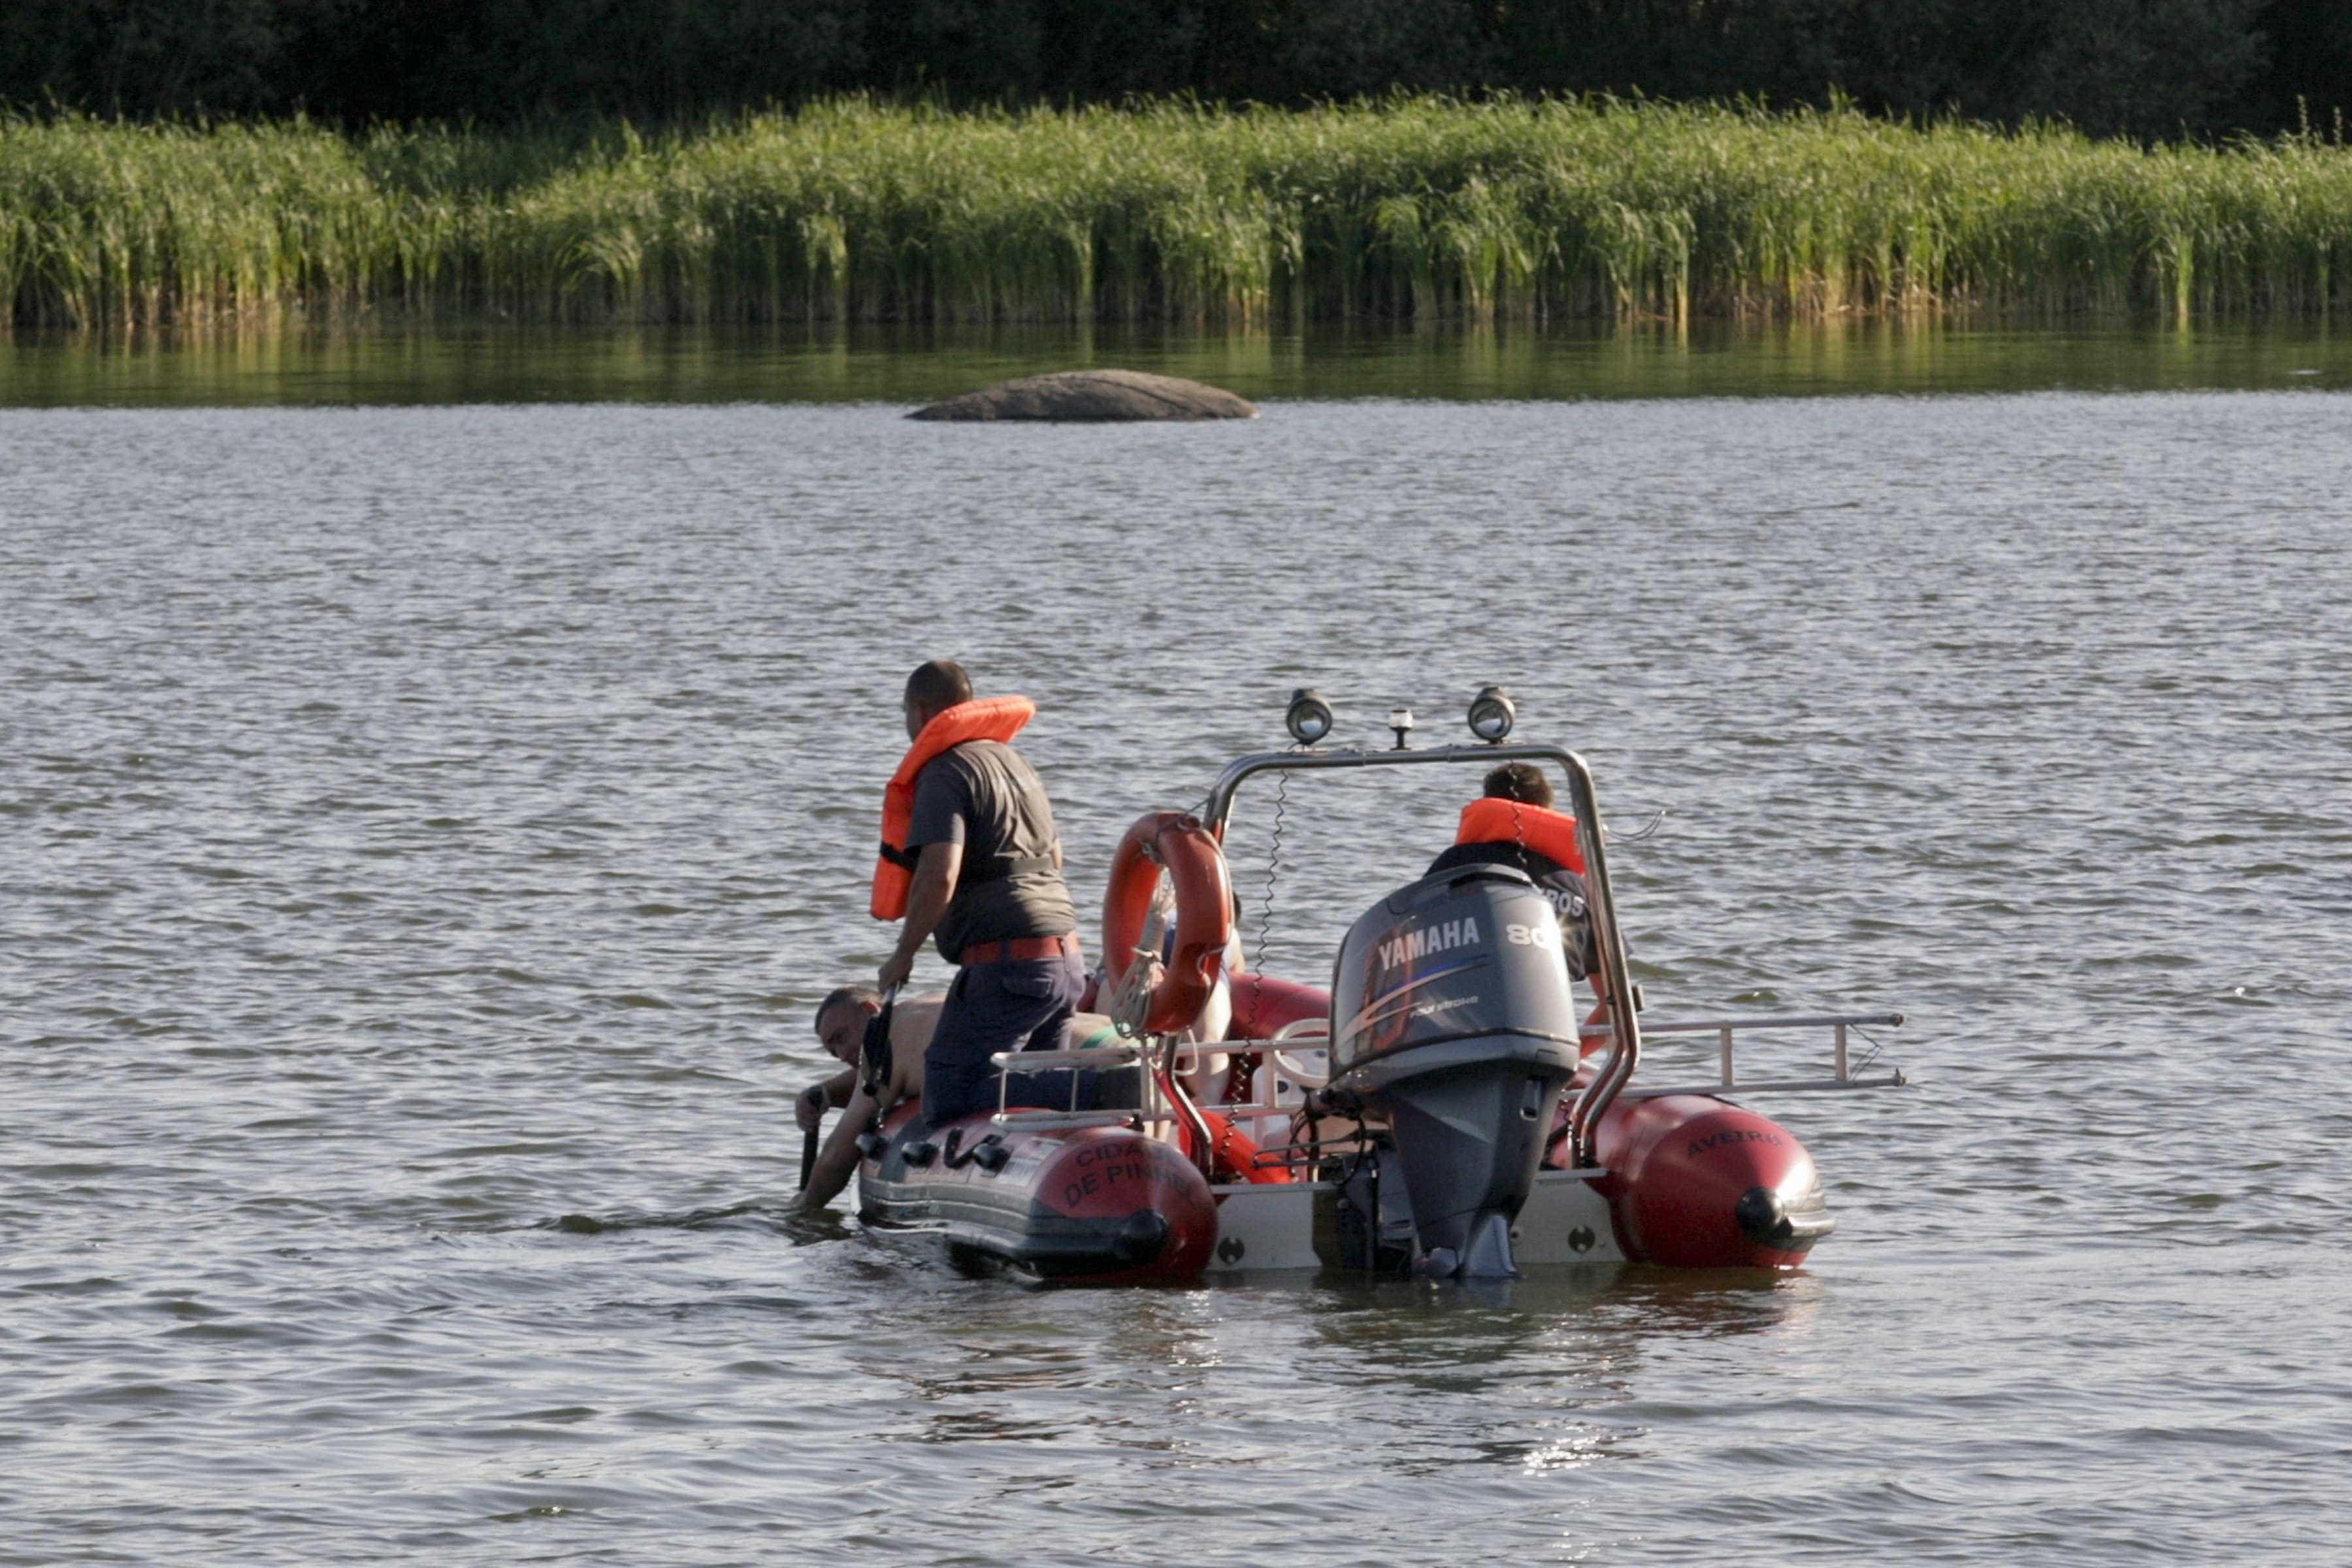 Encontrado segundo corpo de desaparecido na Barragem do Pisão